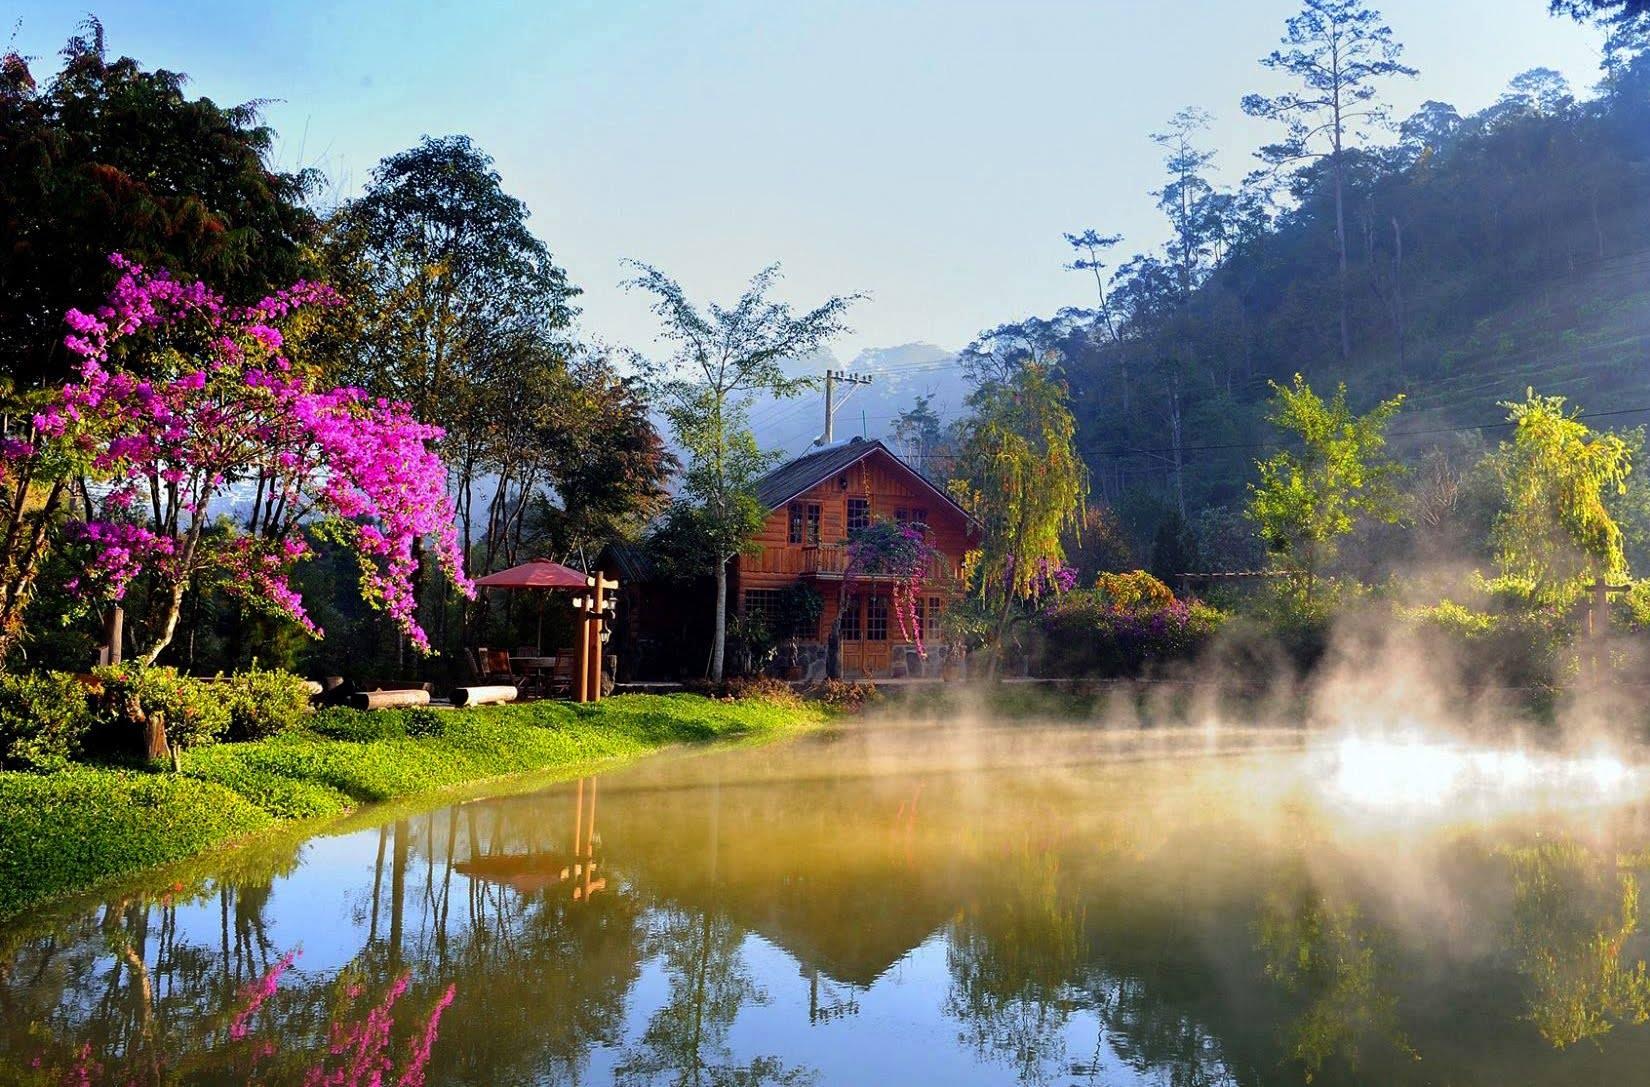 Danh sách những tour 1 ngày thịnh hành nhất ở Đà Lạt hiện giờ